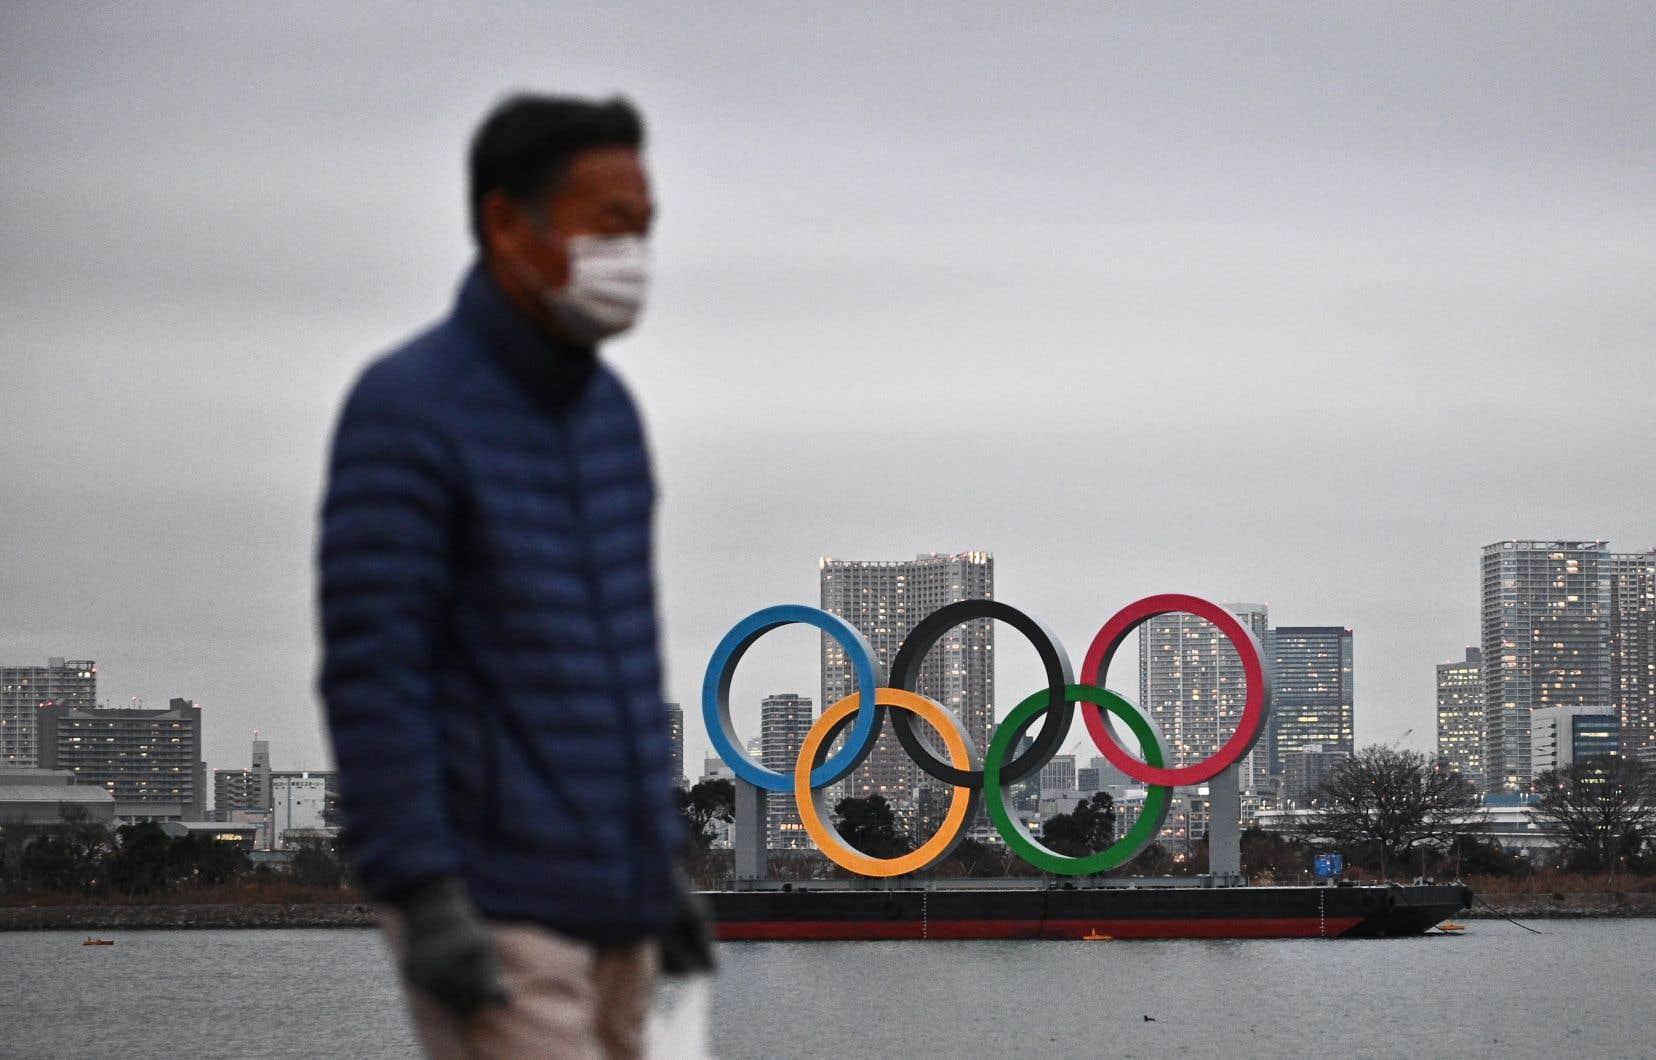 À quelque six mois de la cérémonie d'ouverture, le spectre de l'annulation est revenu hanter les JO de Tokyo ces dernières semaines.